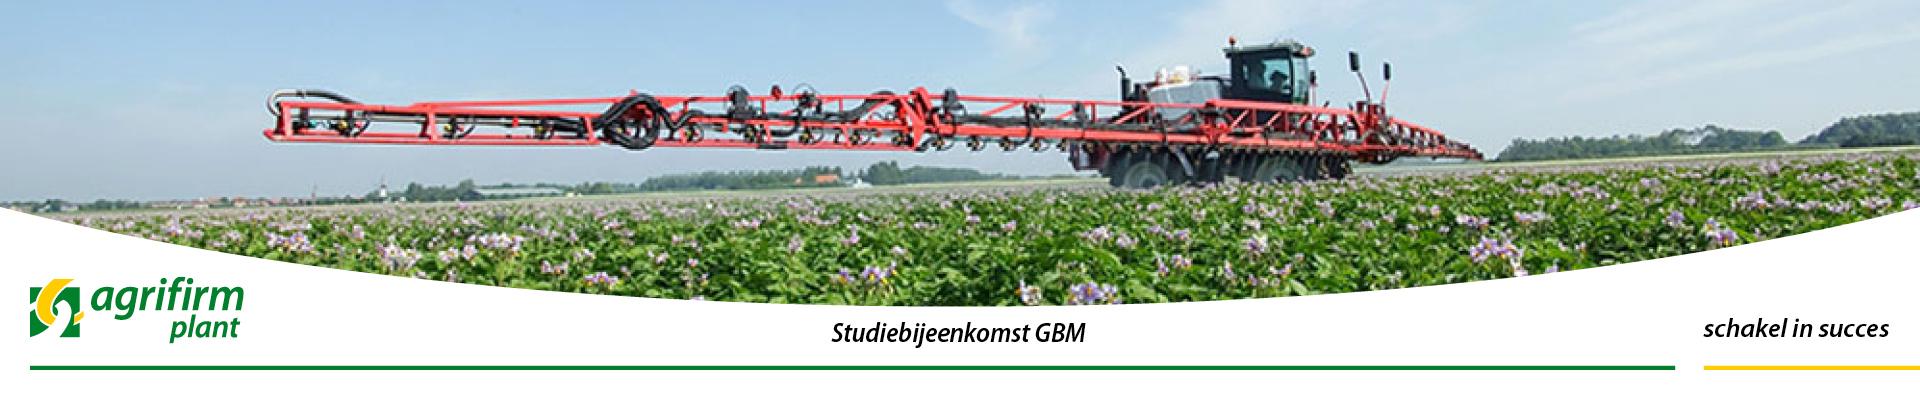 Studiebijeenkomst GBM in regio Groningen